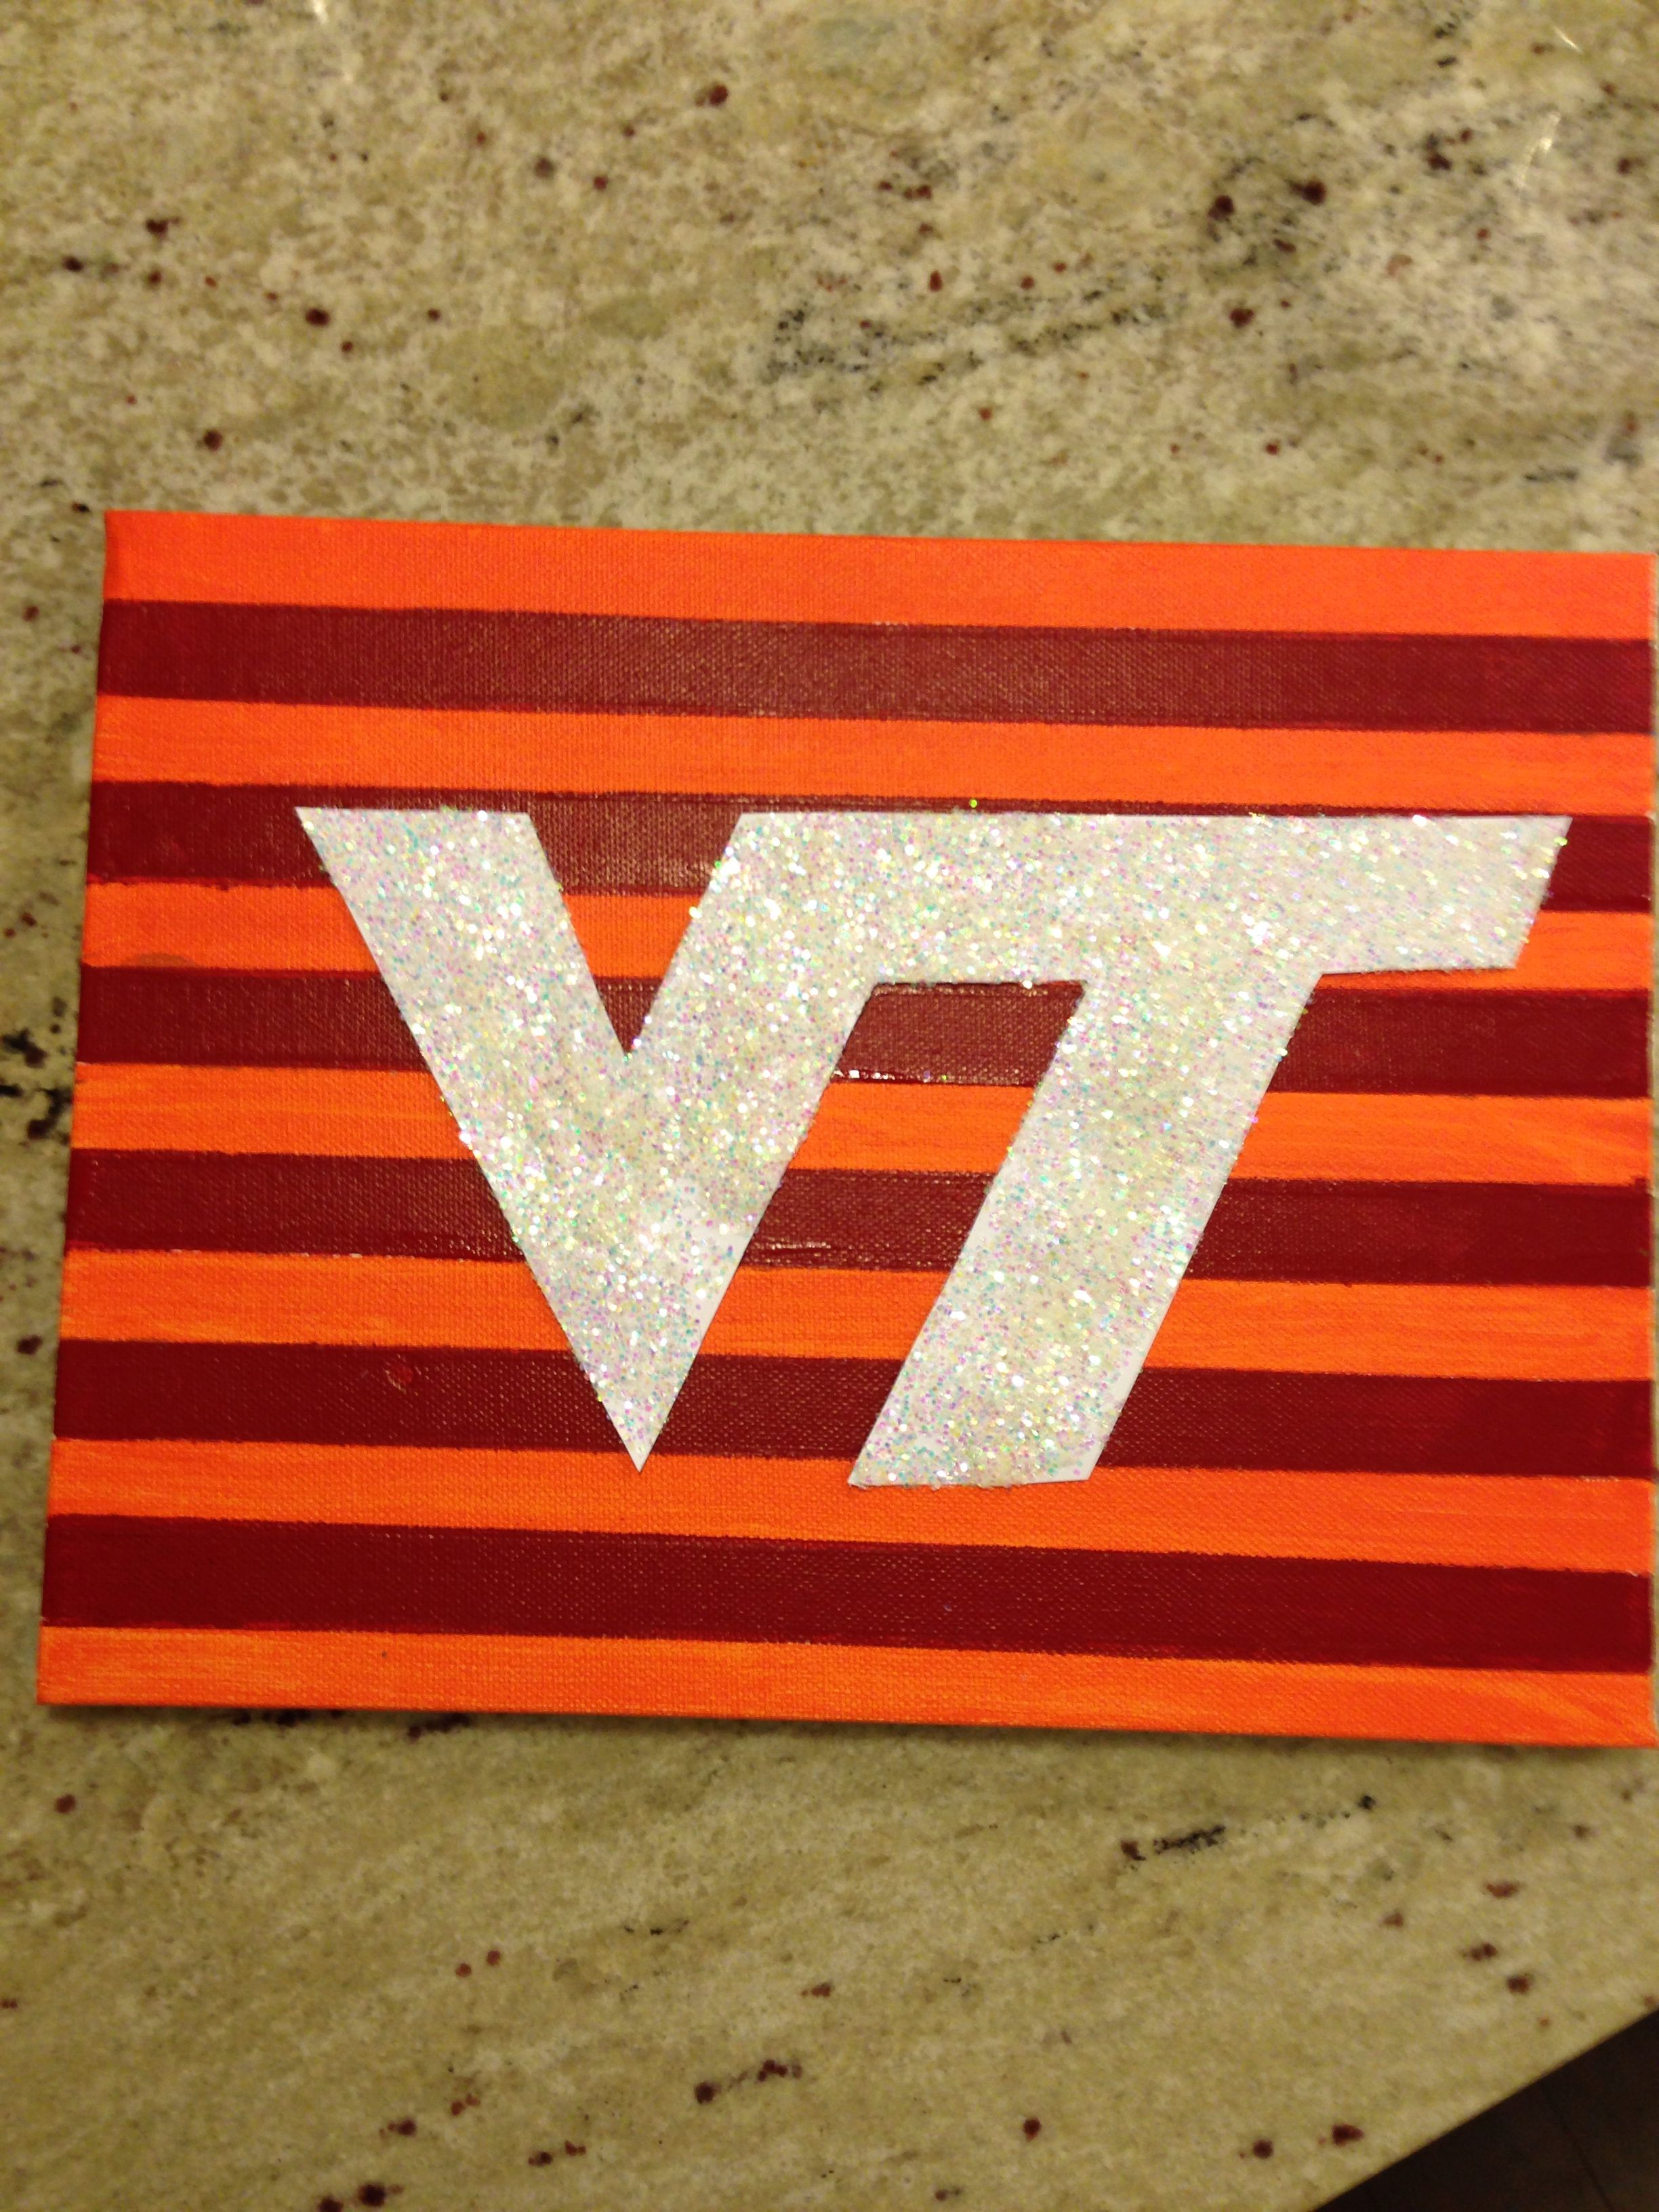 Virginia Tech Canvas Dorm Art Diy Crafts Virginia Tech Crafts Dorm Art Dorm Canvas